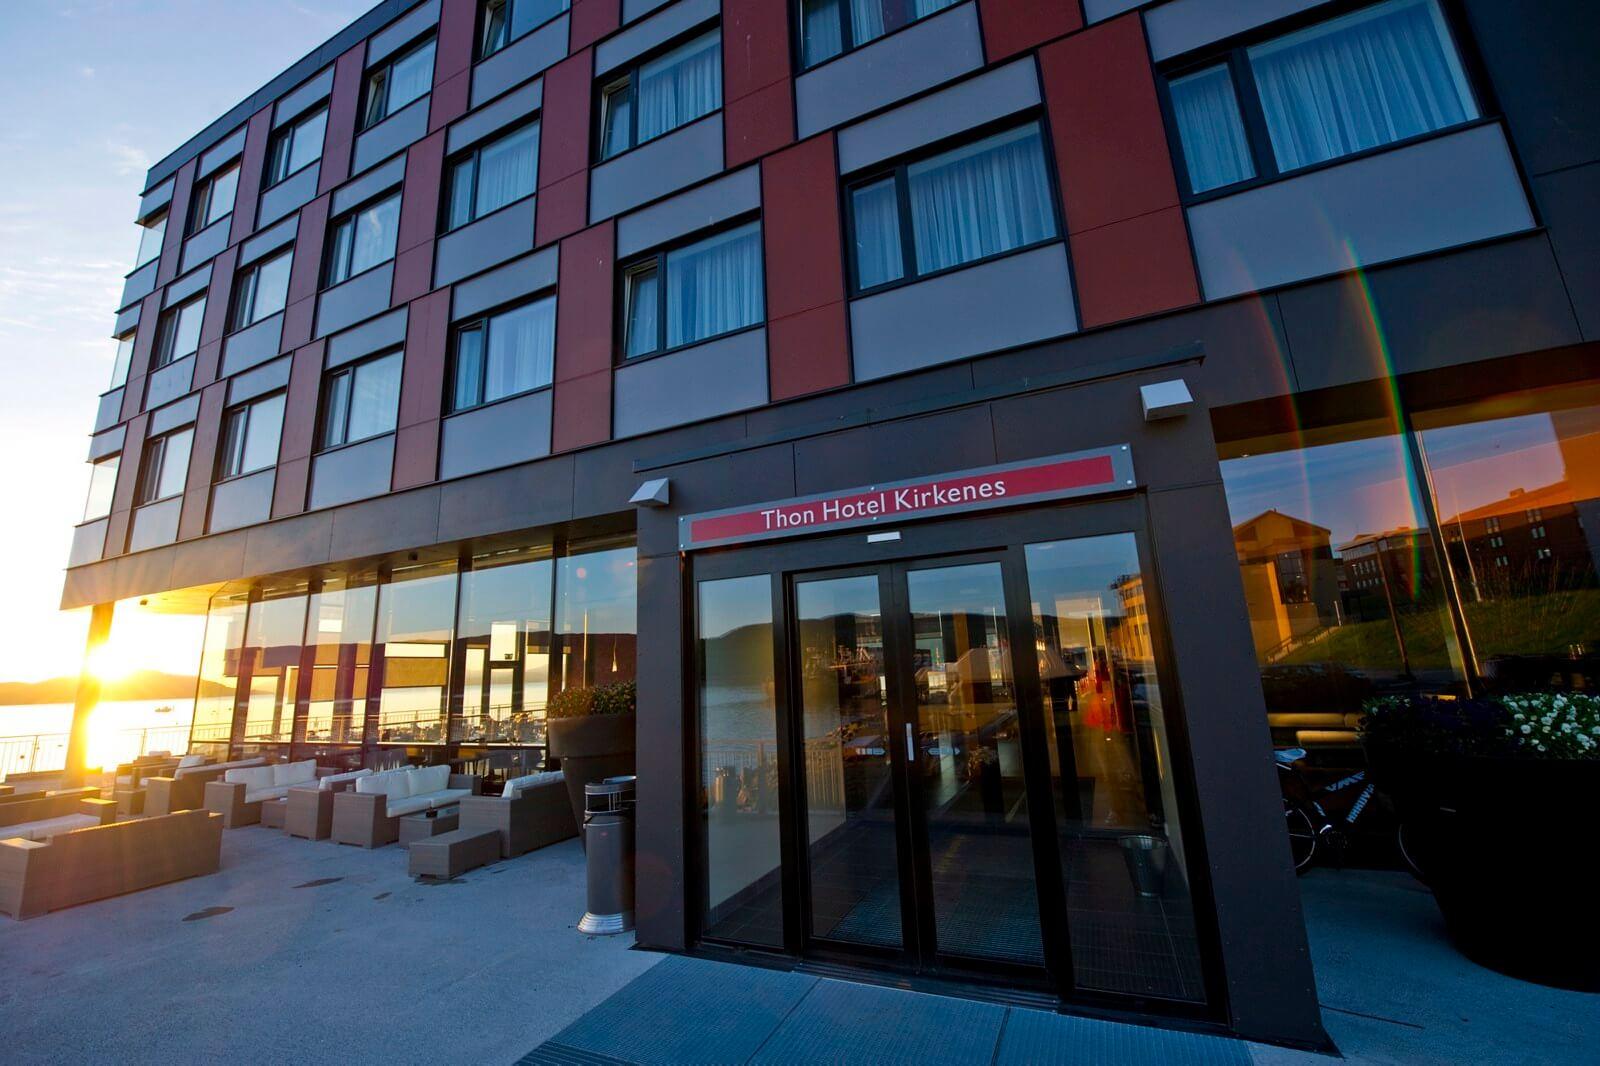 Thon Hotel Kirkenes exterieur